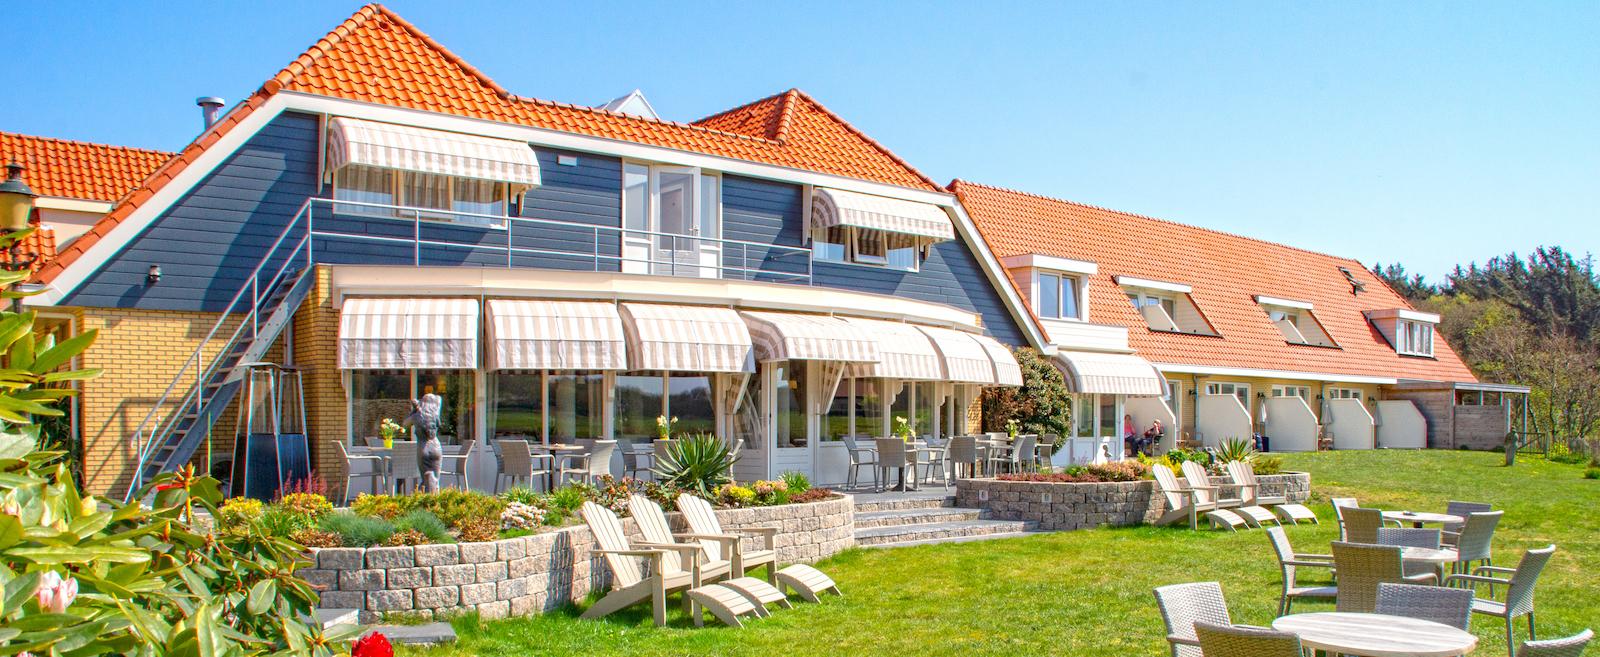 Supertrips - Landgoed Hotel Tatenhove Texel